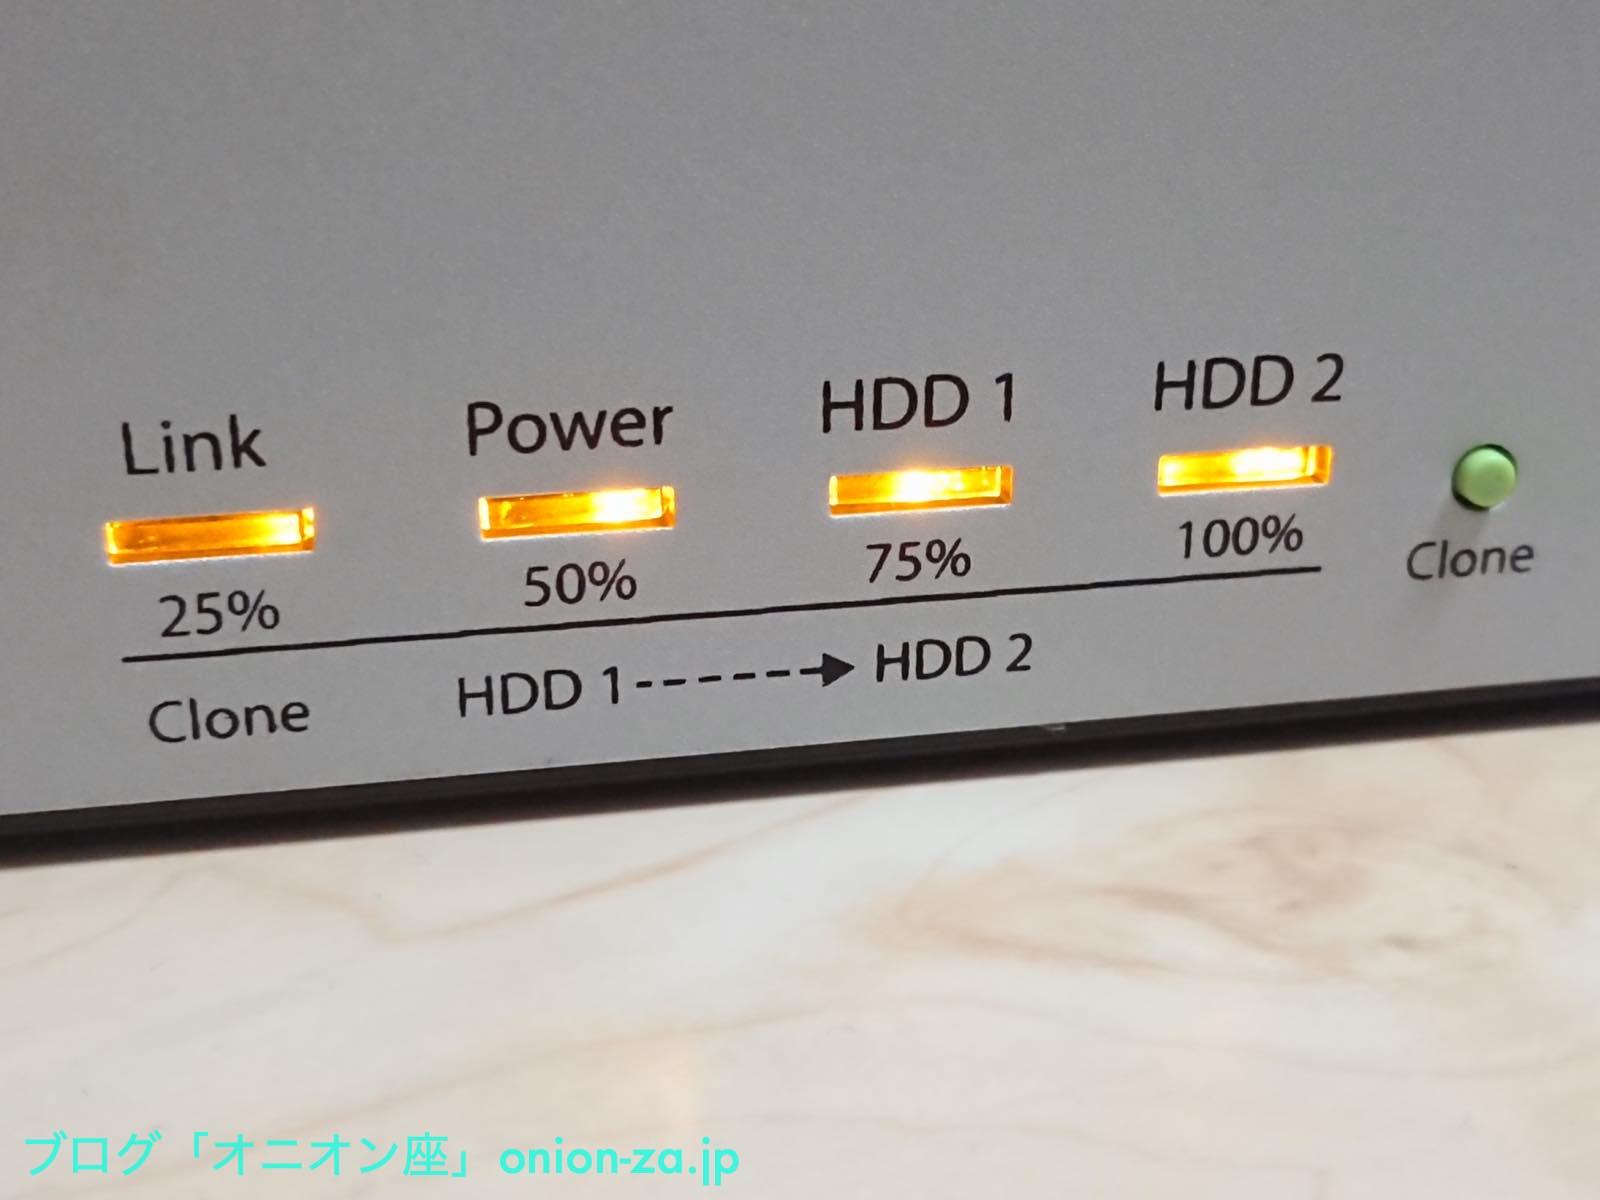 SSDをクローンしてもアライメントもズレず、本当に何もやることがない。